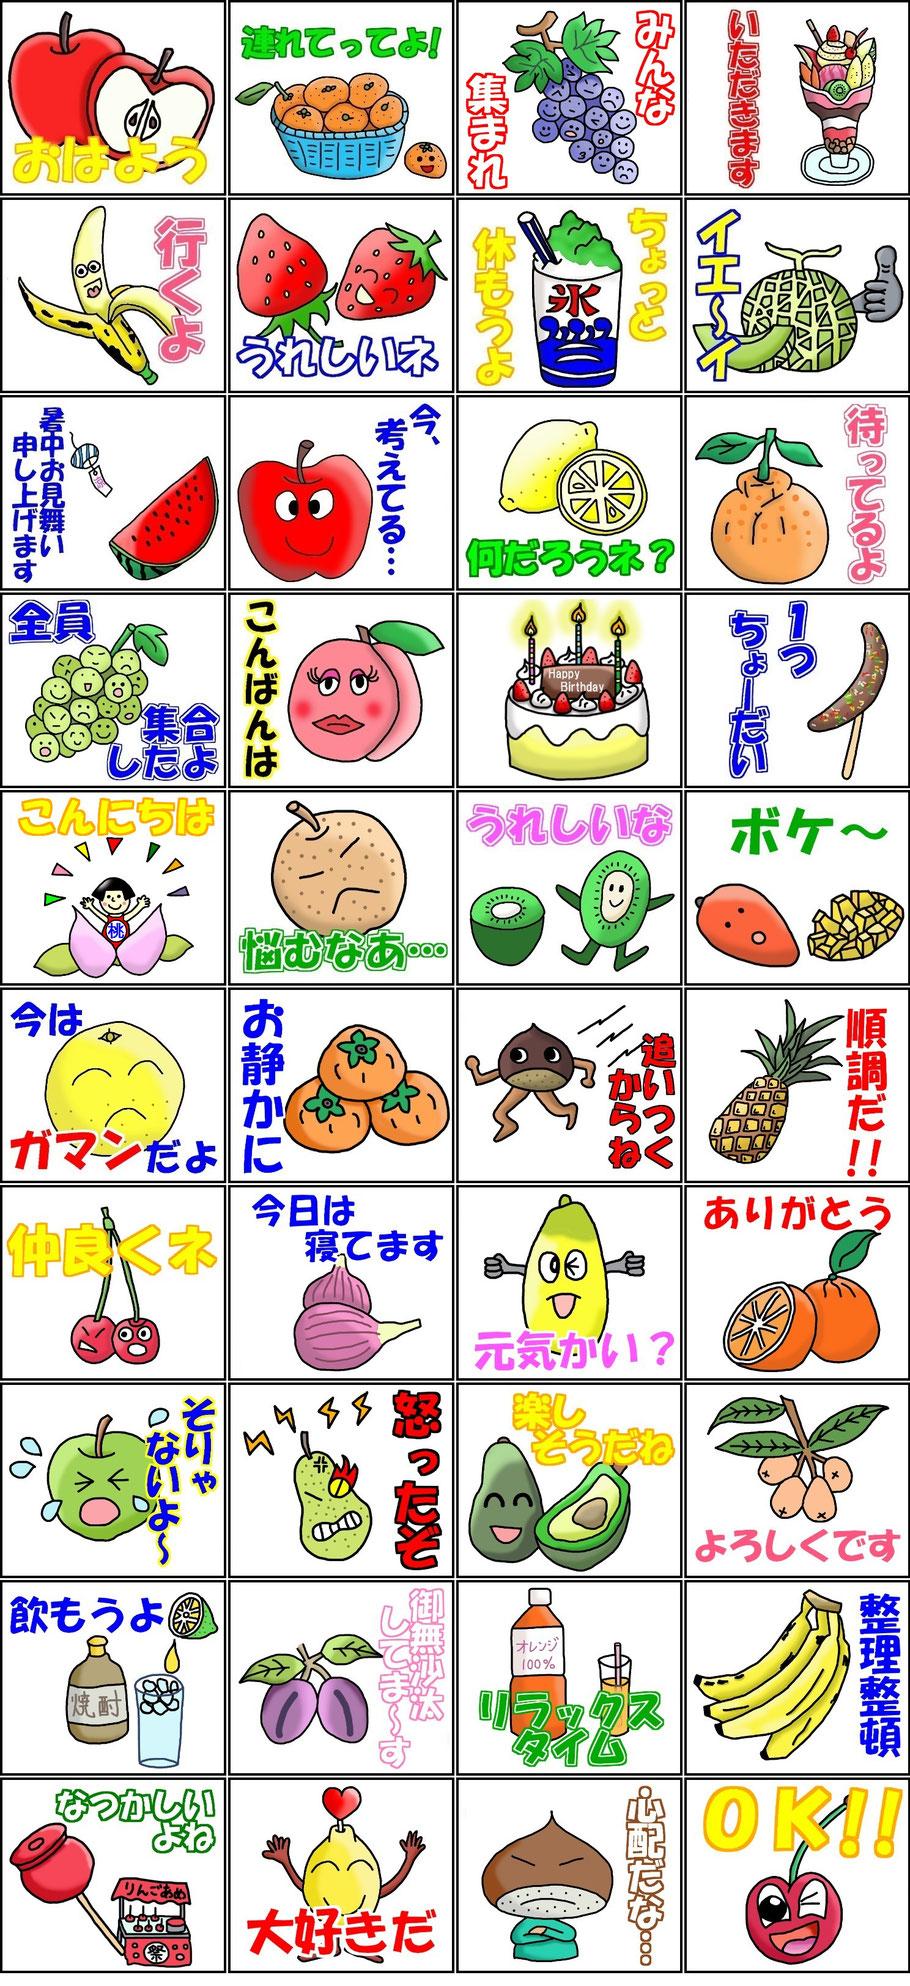 果物、くだもの、フルーツ、果物名人、果物スタンプ、くだものスタンプ、LINE、スタンプ、果物一覧画像